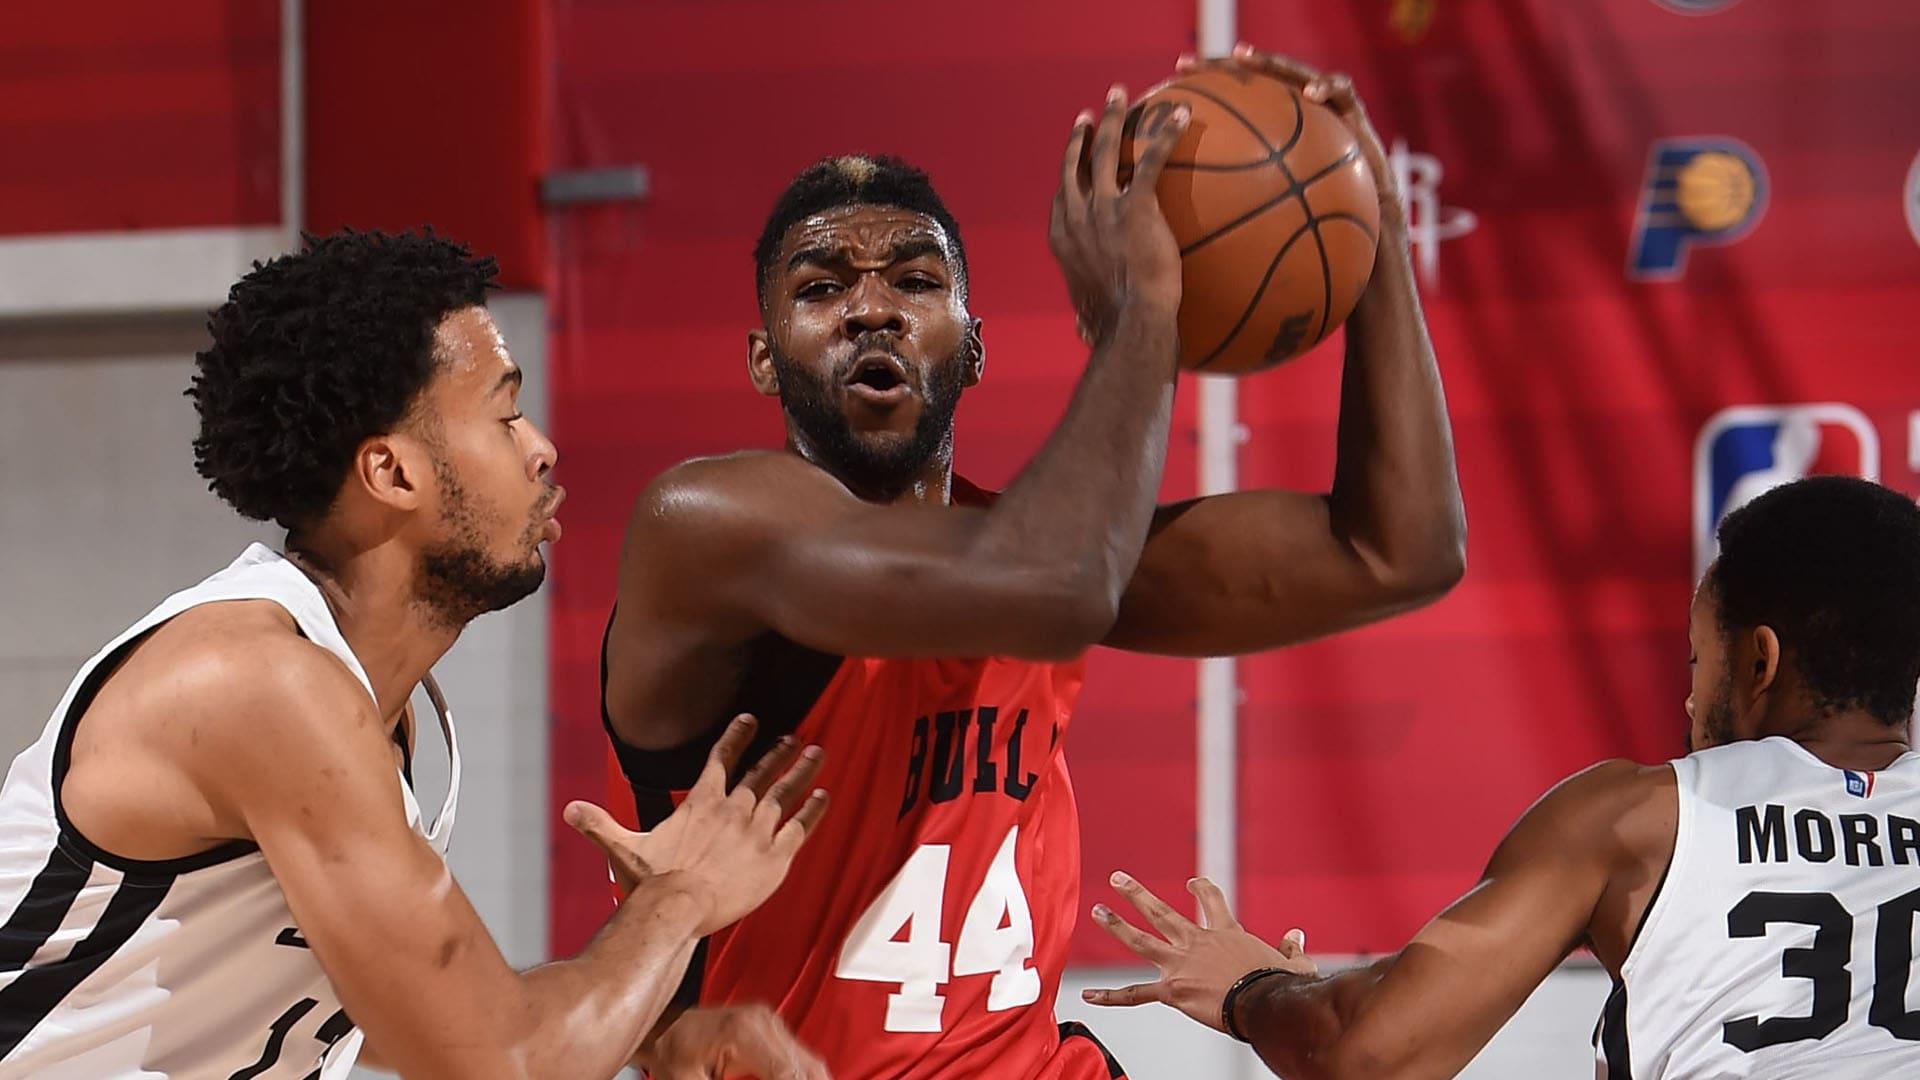 Las Vegas Summer League: Patrick Williams' 30 points leads Bulls over Spurs